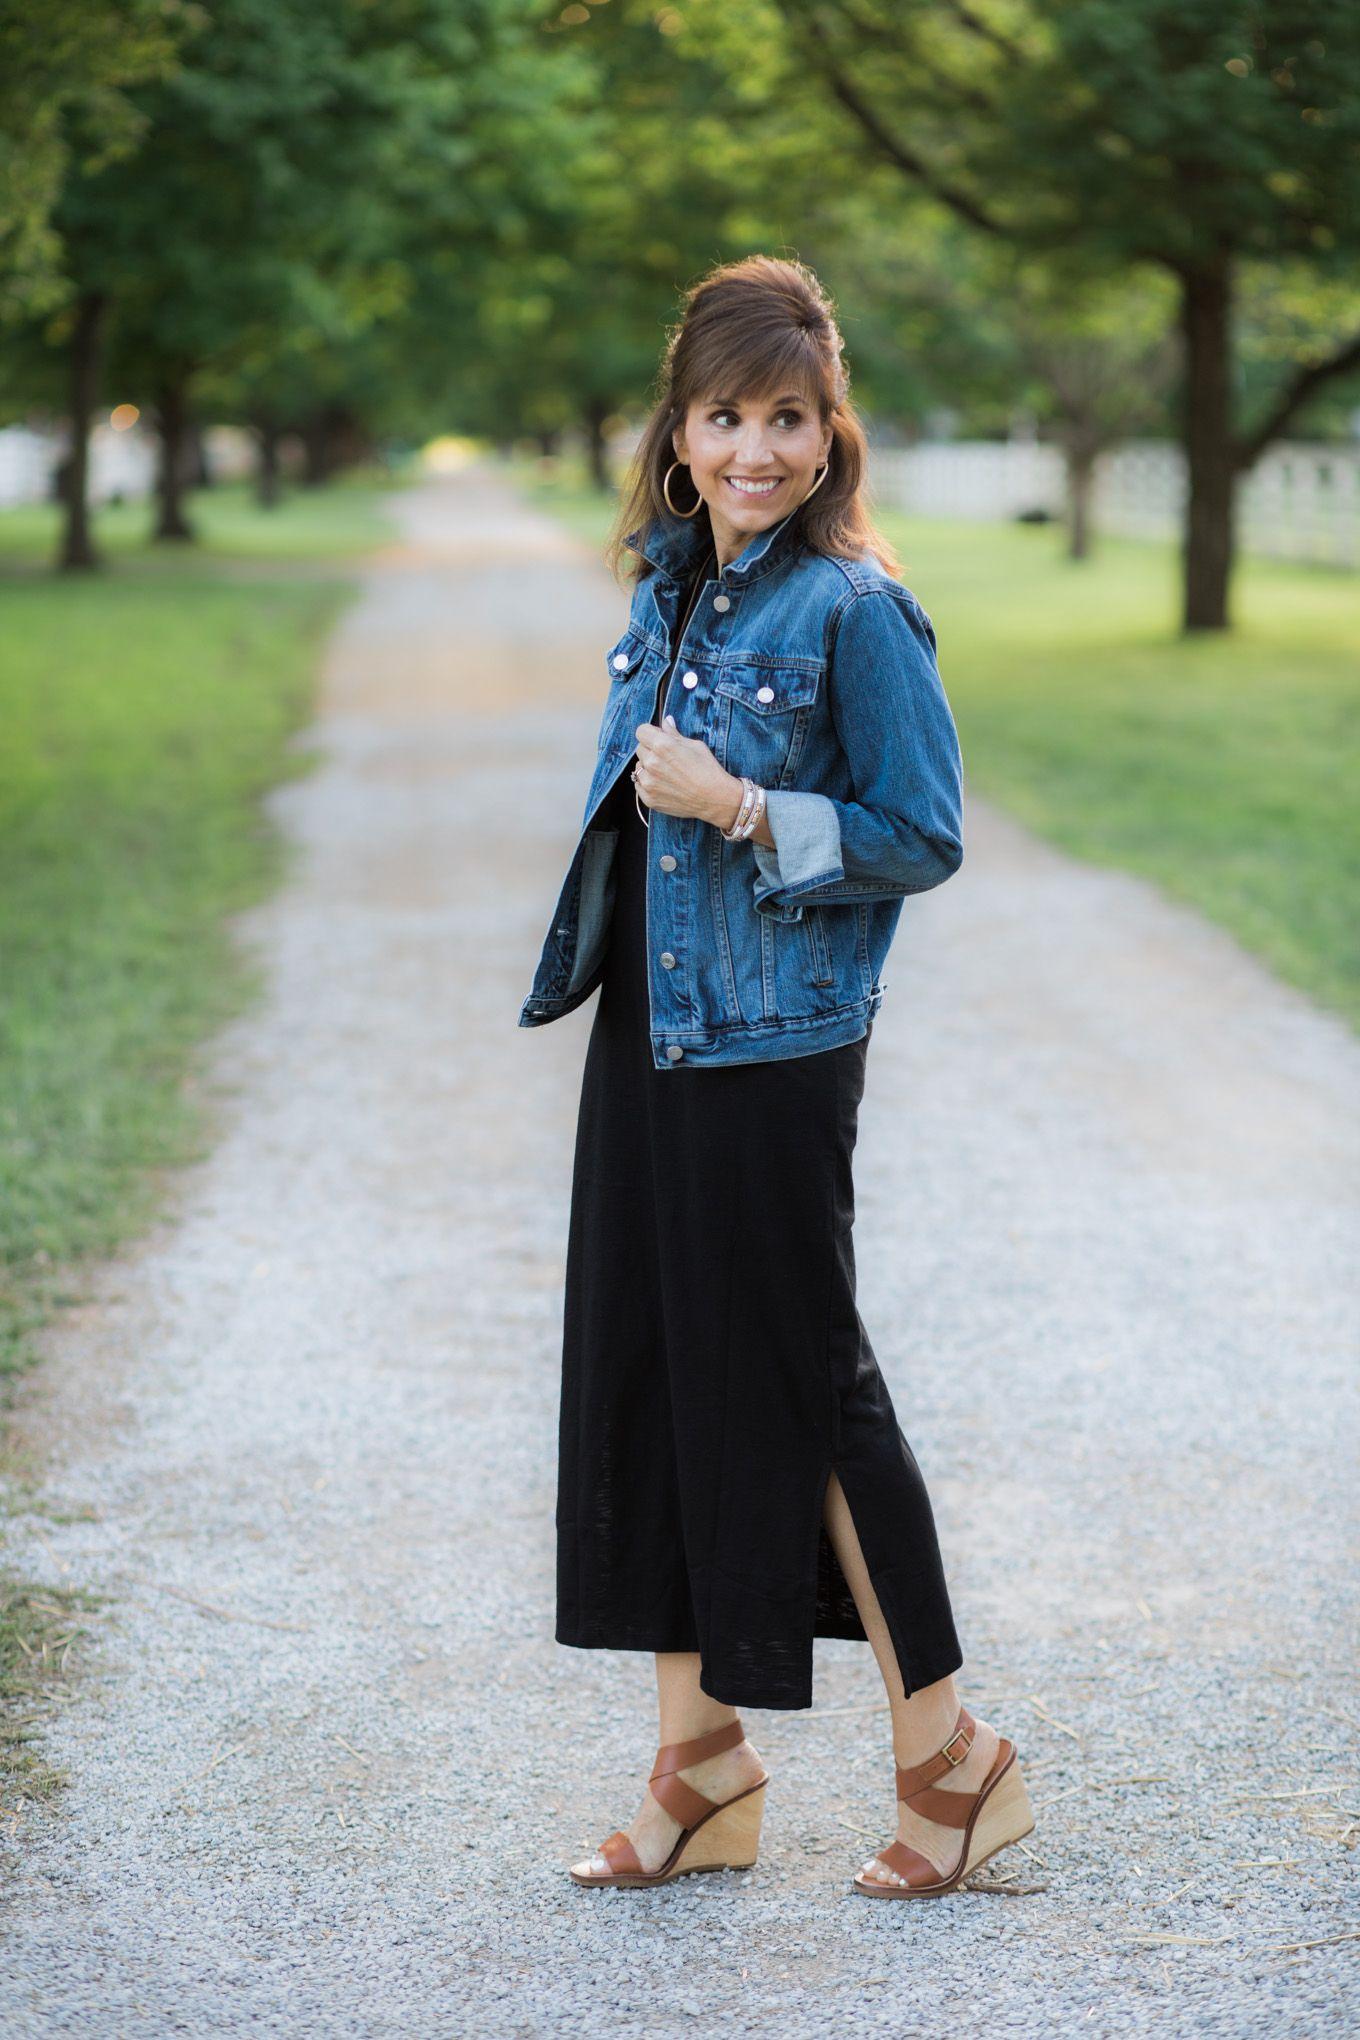 e06e10715c68 Black Maxi Dress + Denim Jacket